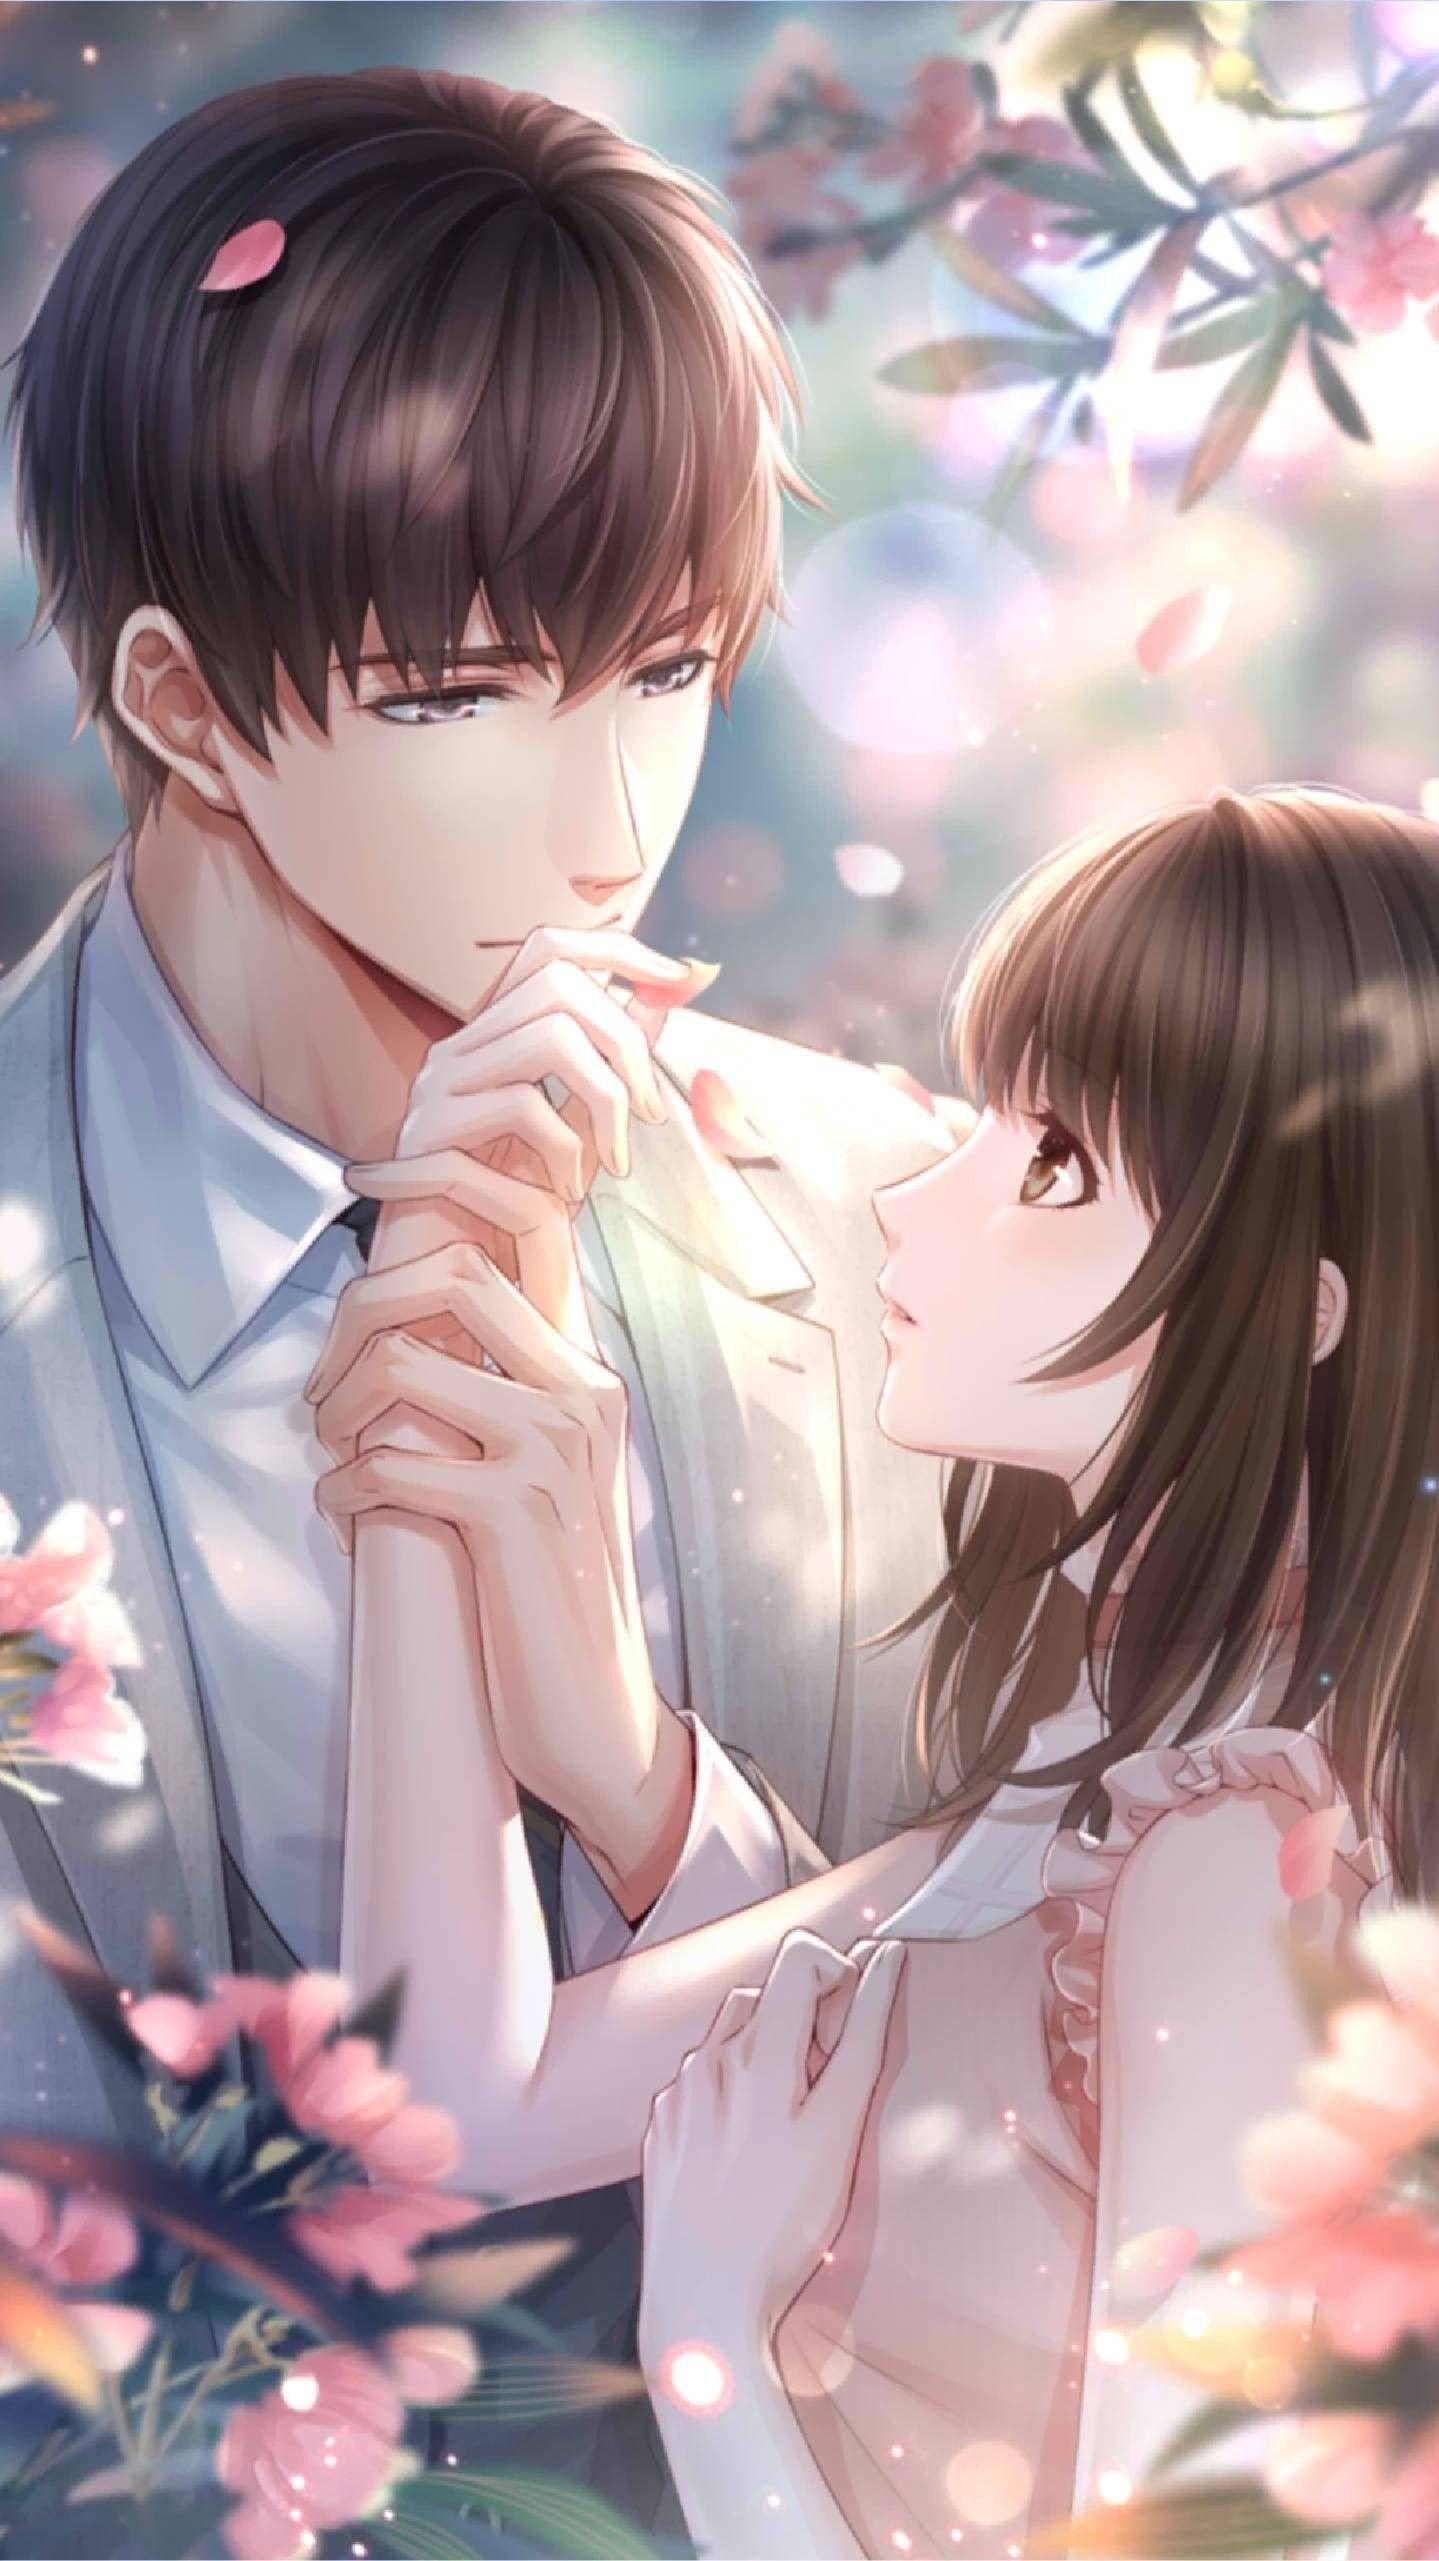 Pin oleh Tasneem Anjum di •恋与制作人• Gambar anime